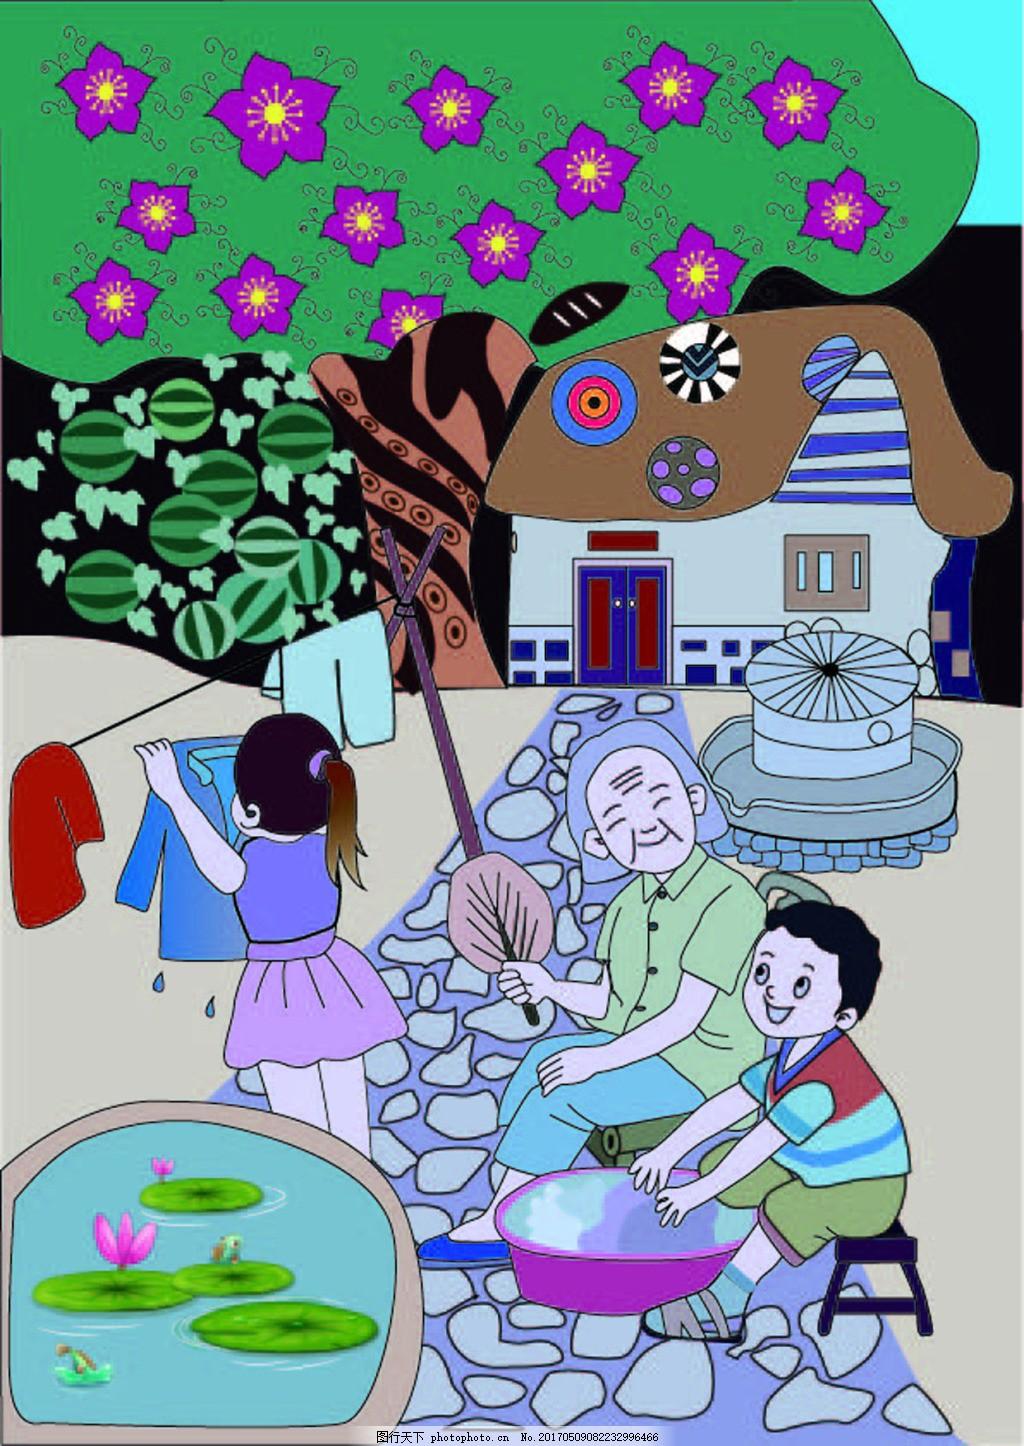 孩子读书的场面手绘